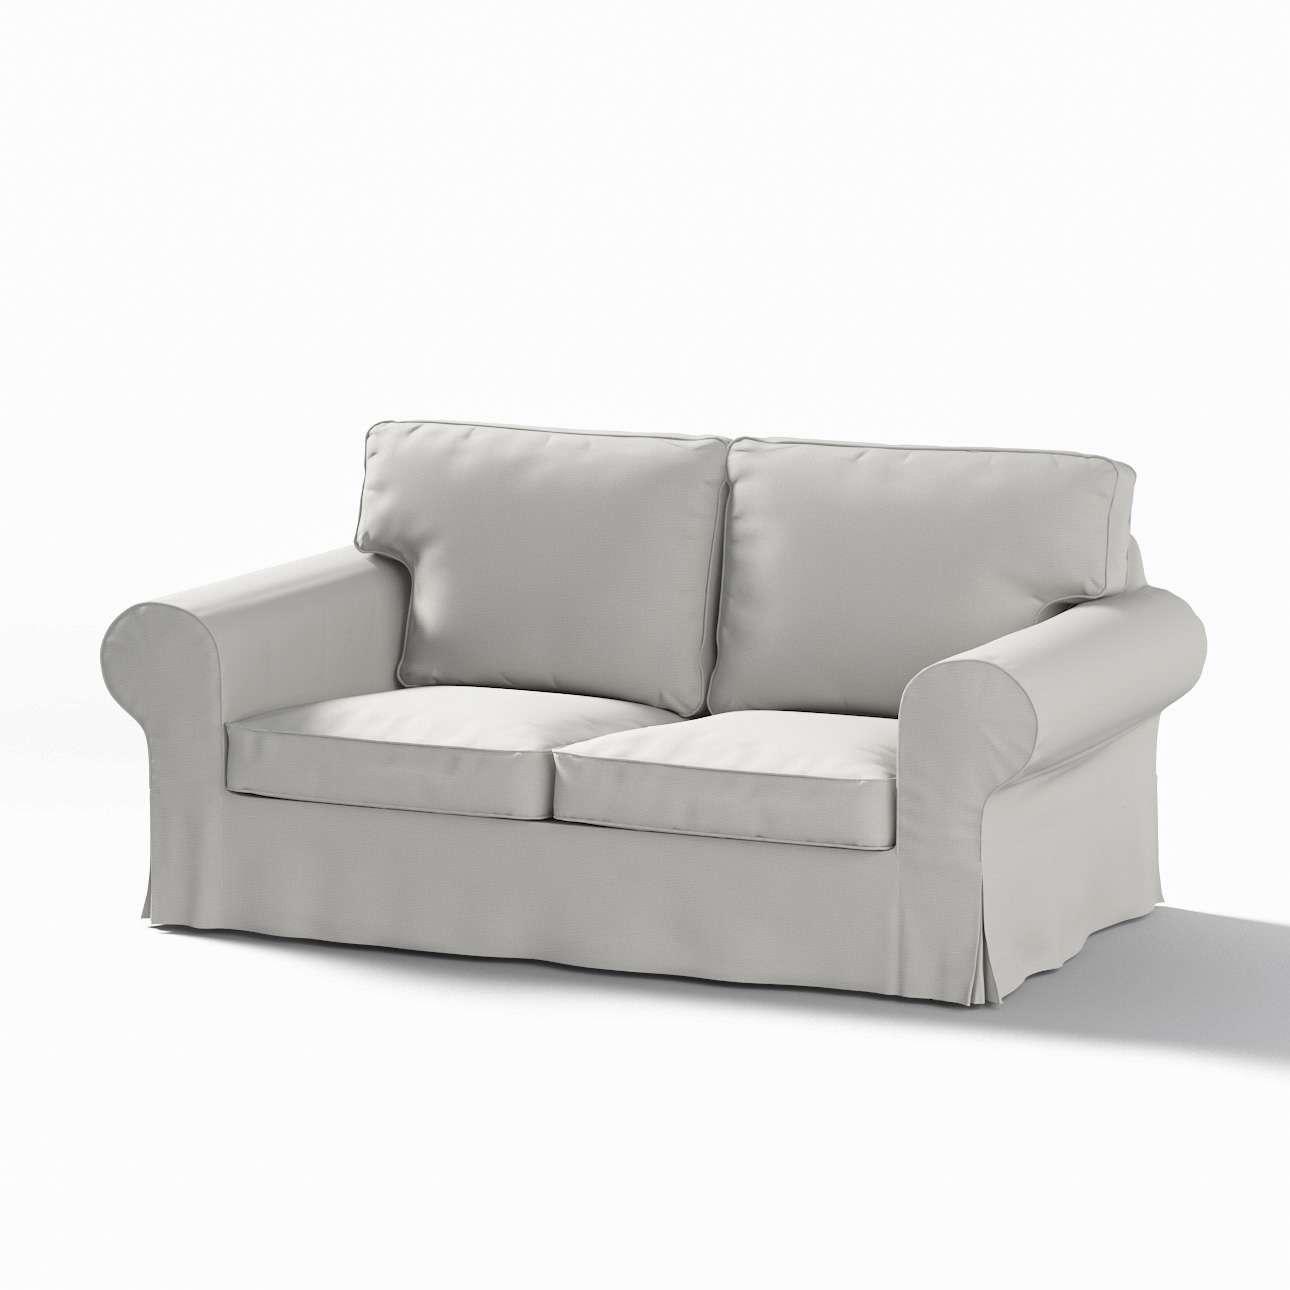 Ektorp dvivietės sofos su lova užvalkalas (naujas modelis nuo 2012 m) Ektorp dvivietės sofos-lovos užvalkalas (modelis nuo 2012 m) kolekcijoje Etna , audinys: 705-90